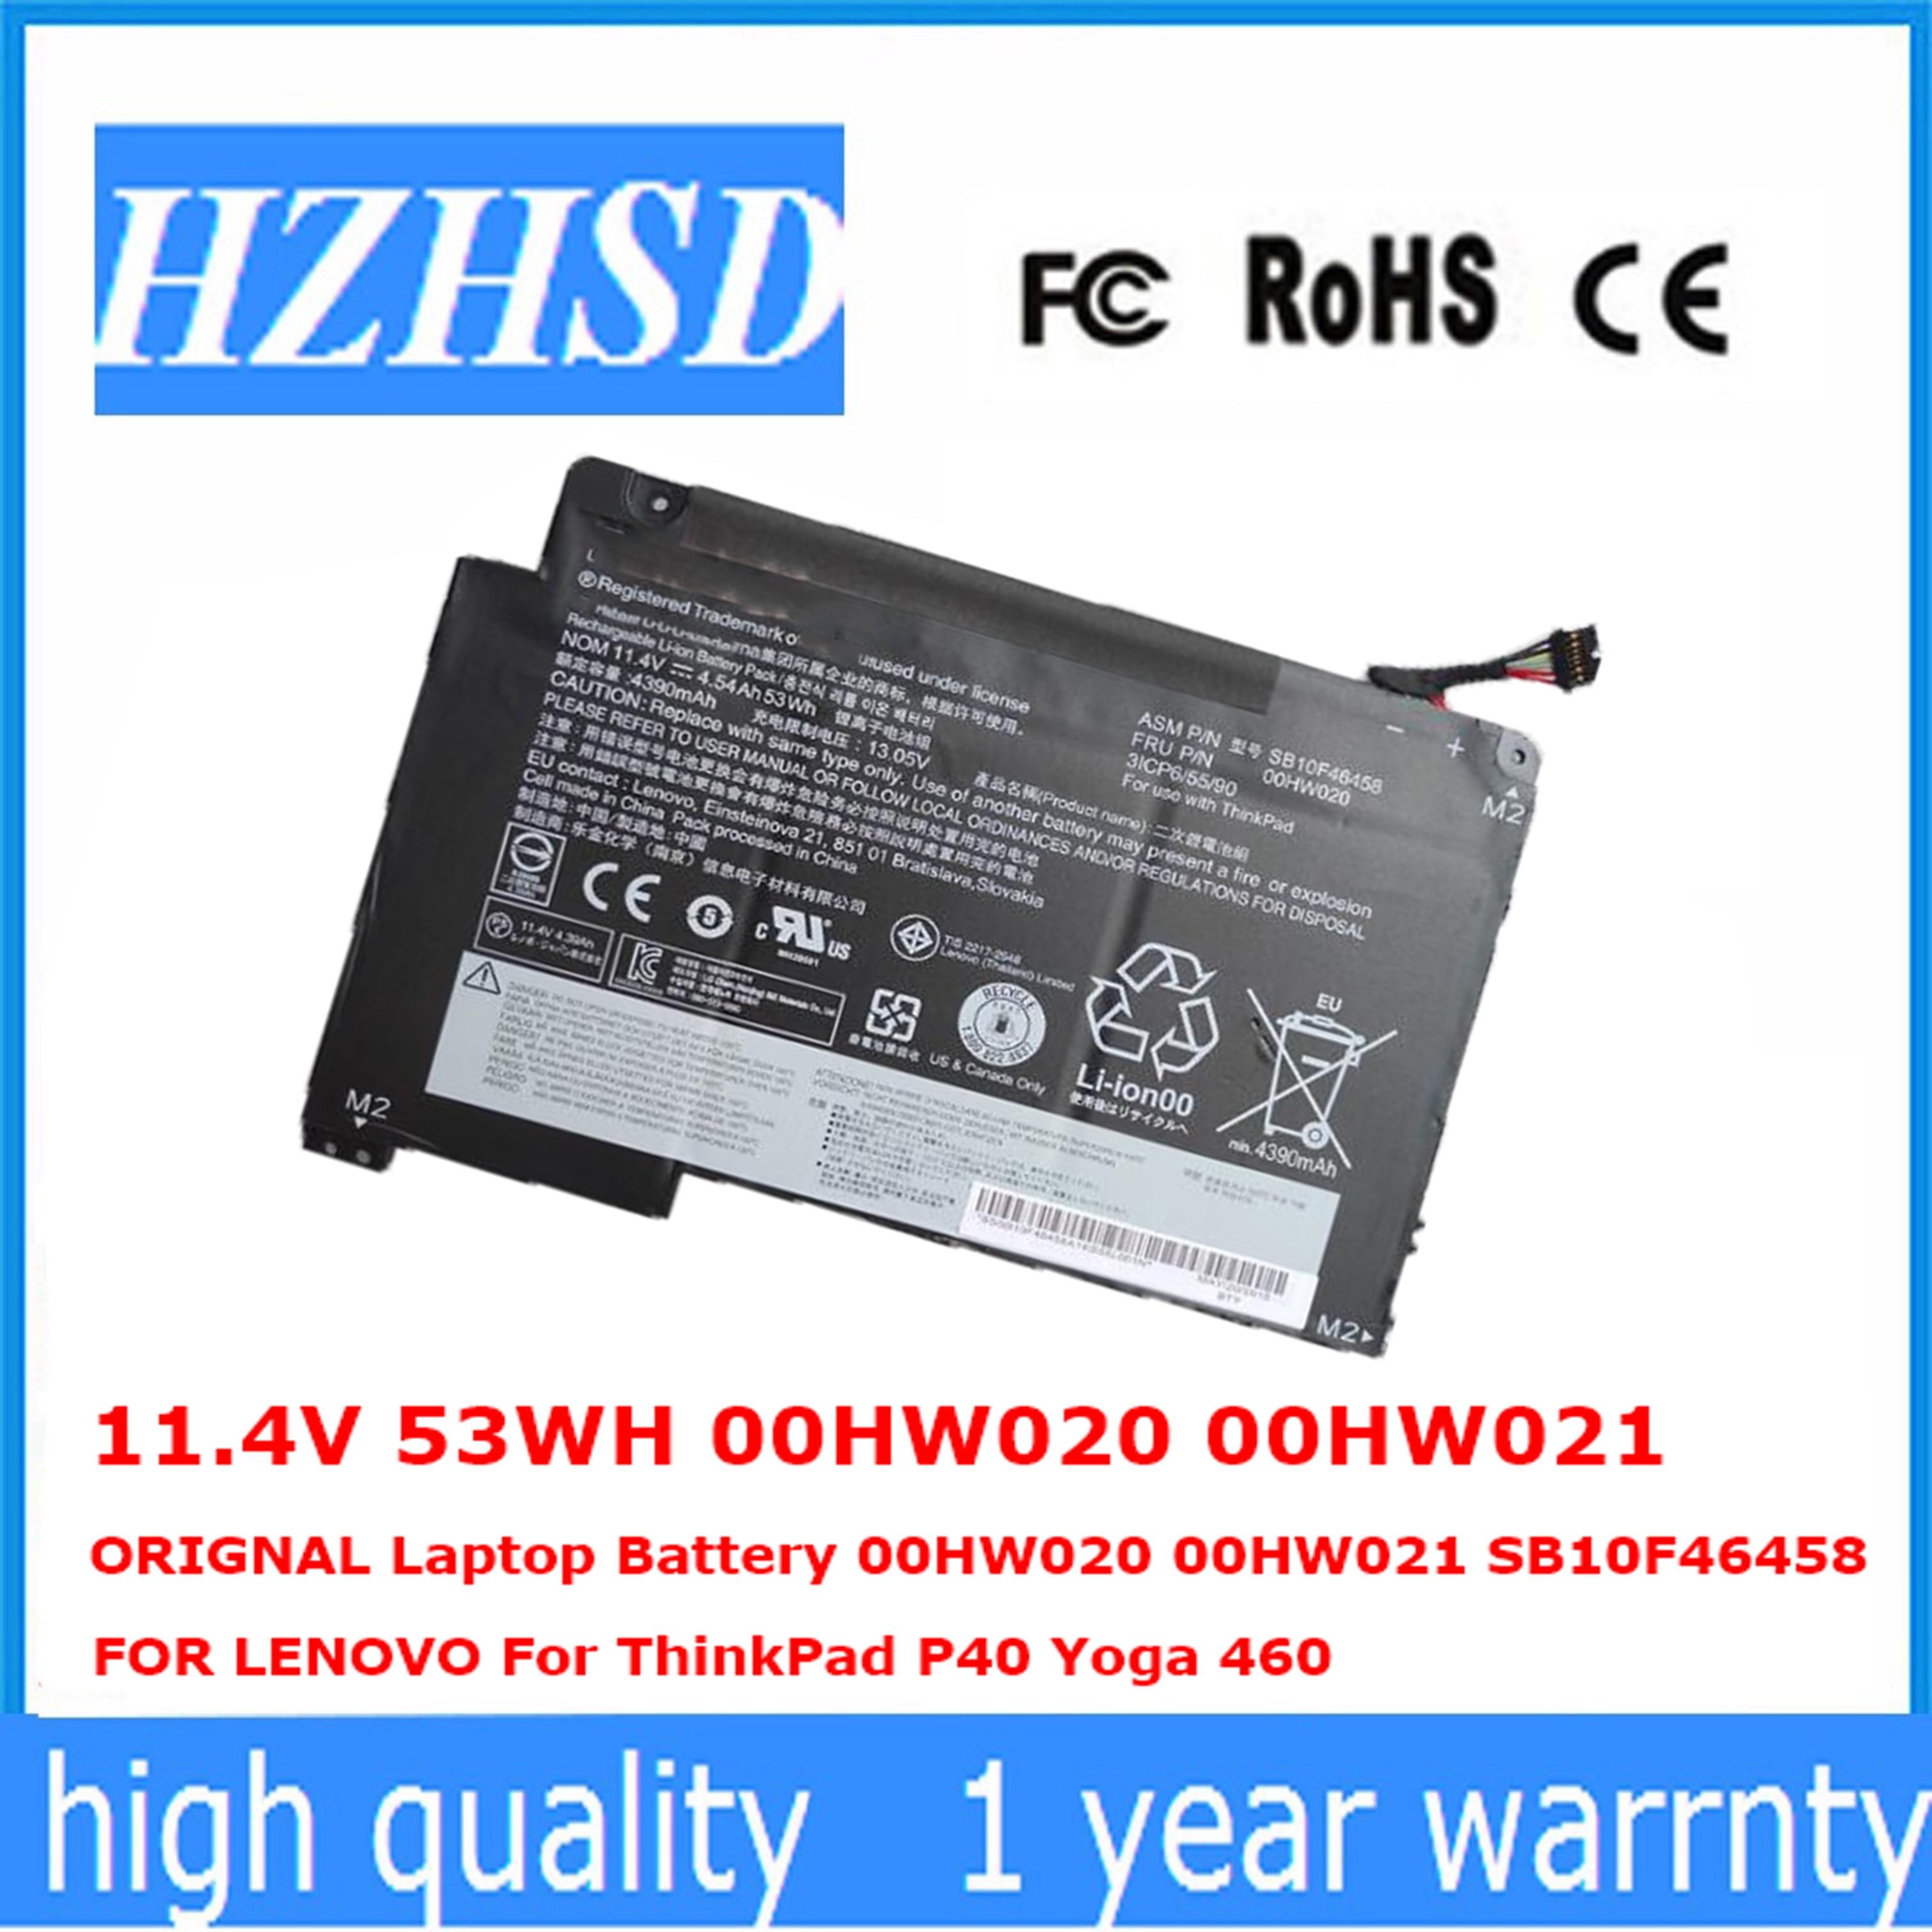 11.4V 53WH new ORIGNAL 00HW020 Laptop Battery 00HW020 00HW021 SB10F46458  FOR LENOVO For ThinkPad P40 Yoga 460